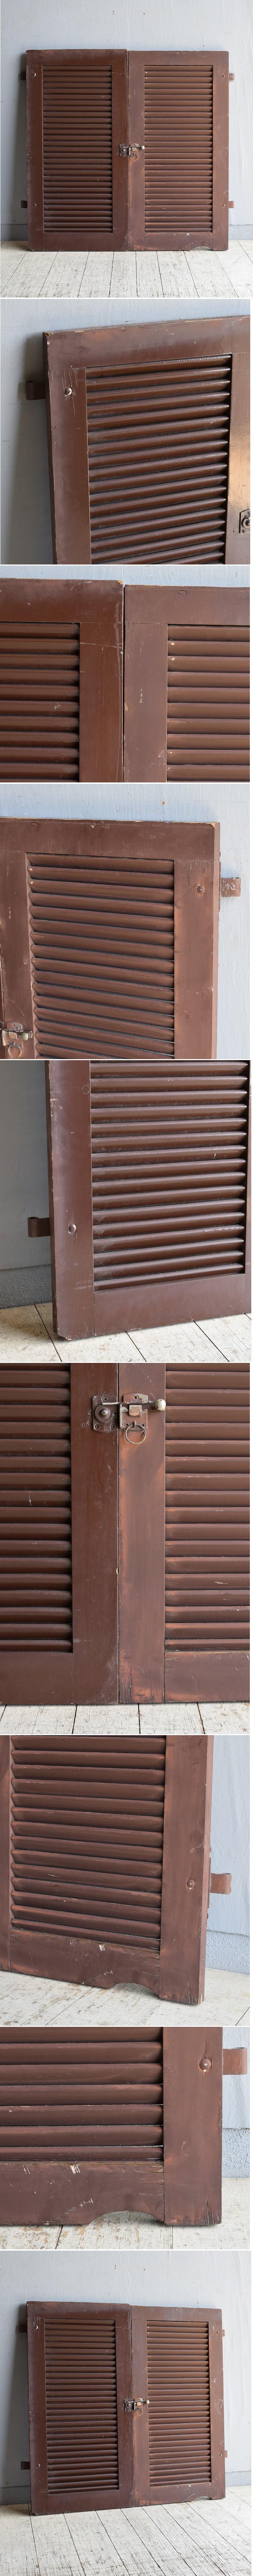 ドイツ製 アンティーク 木製ルーバー雨戸×2  ディスプレイ 建具 8615